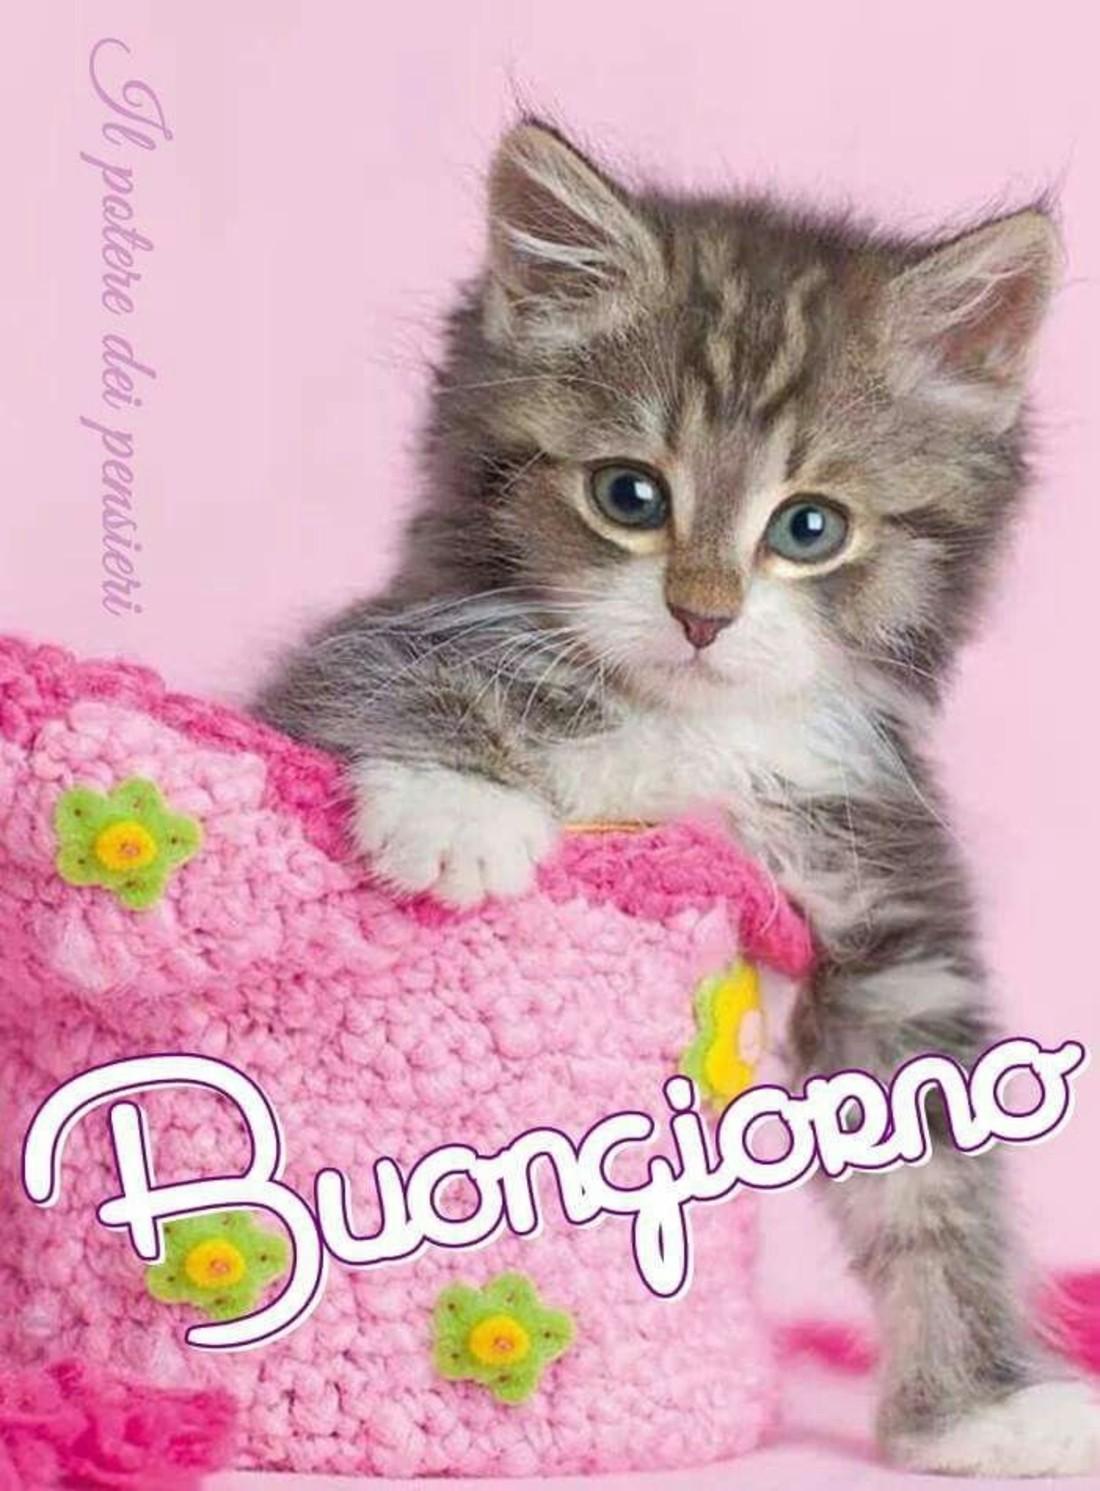 Buongiorno Con Tenero Gattino Buongiornocolsorriso It